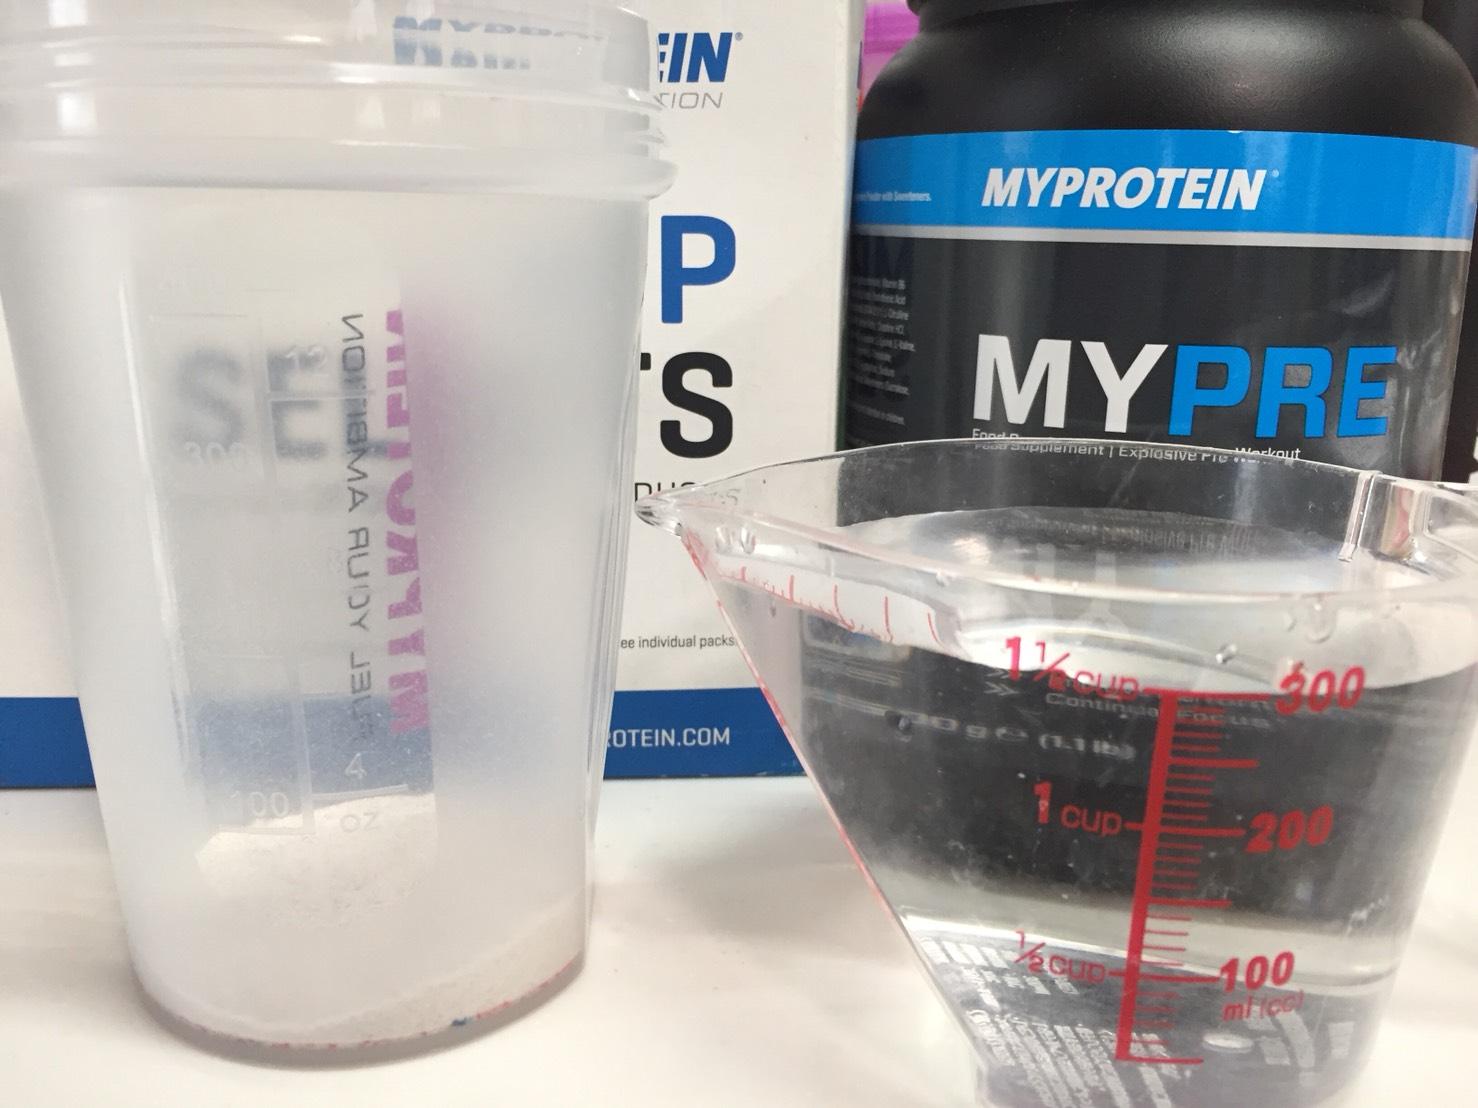 MYPRE(マイプレ)「Raspberry Lemonade Flavour(ラズベリーレモネード味)」を300mlの水に溶かします